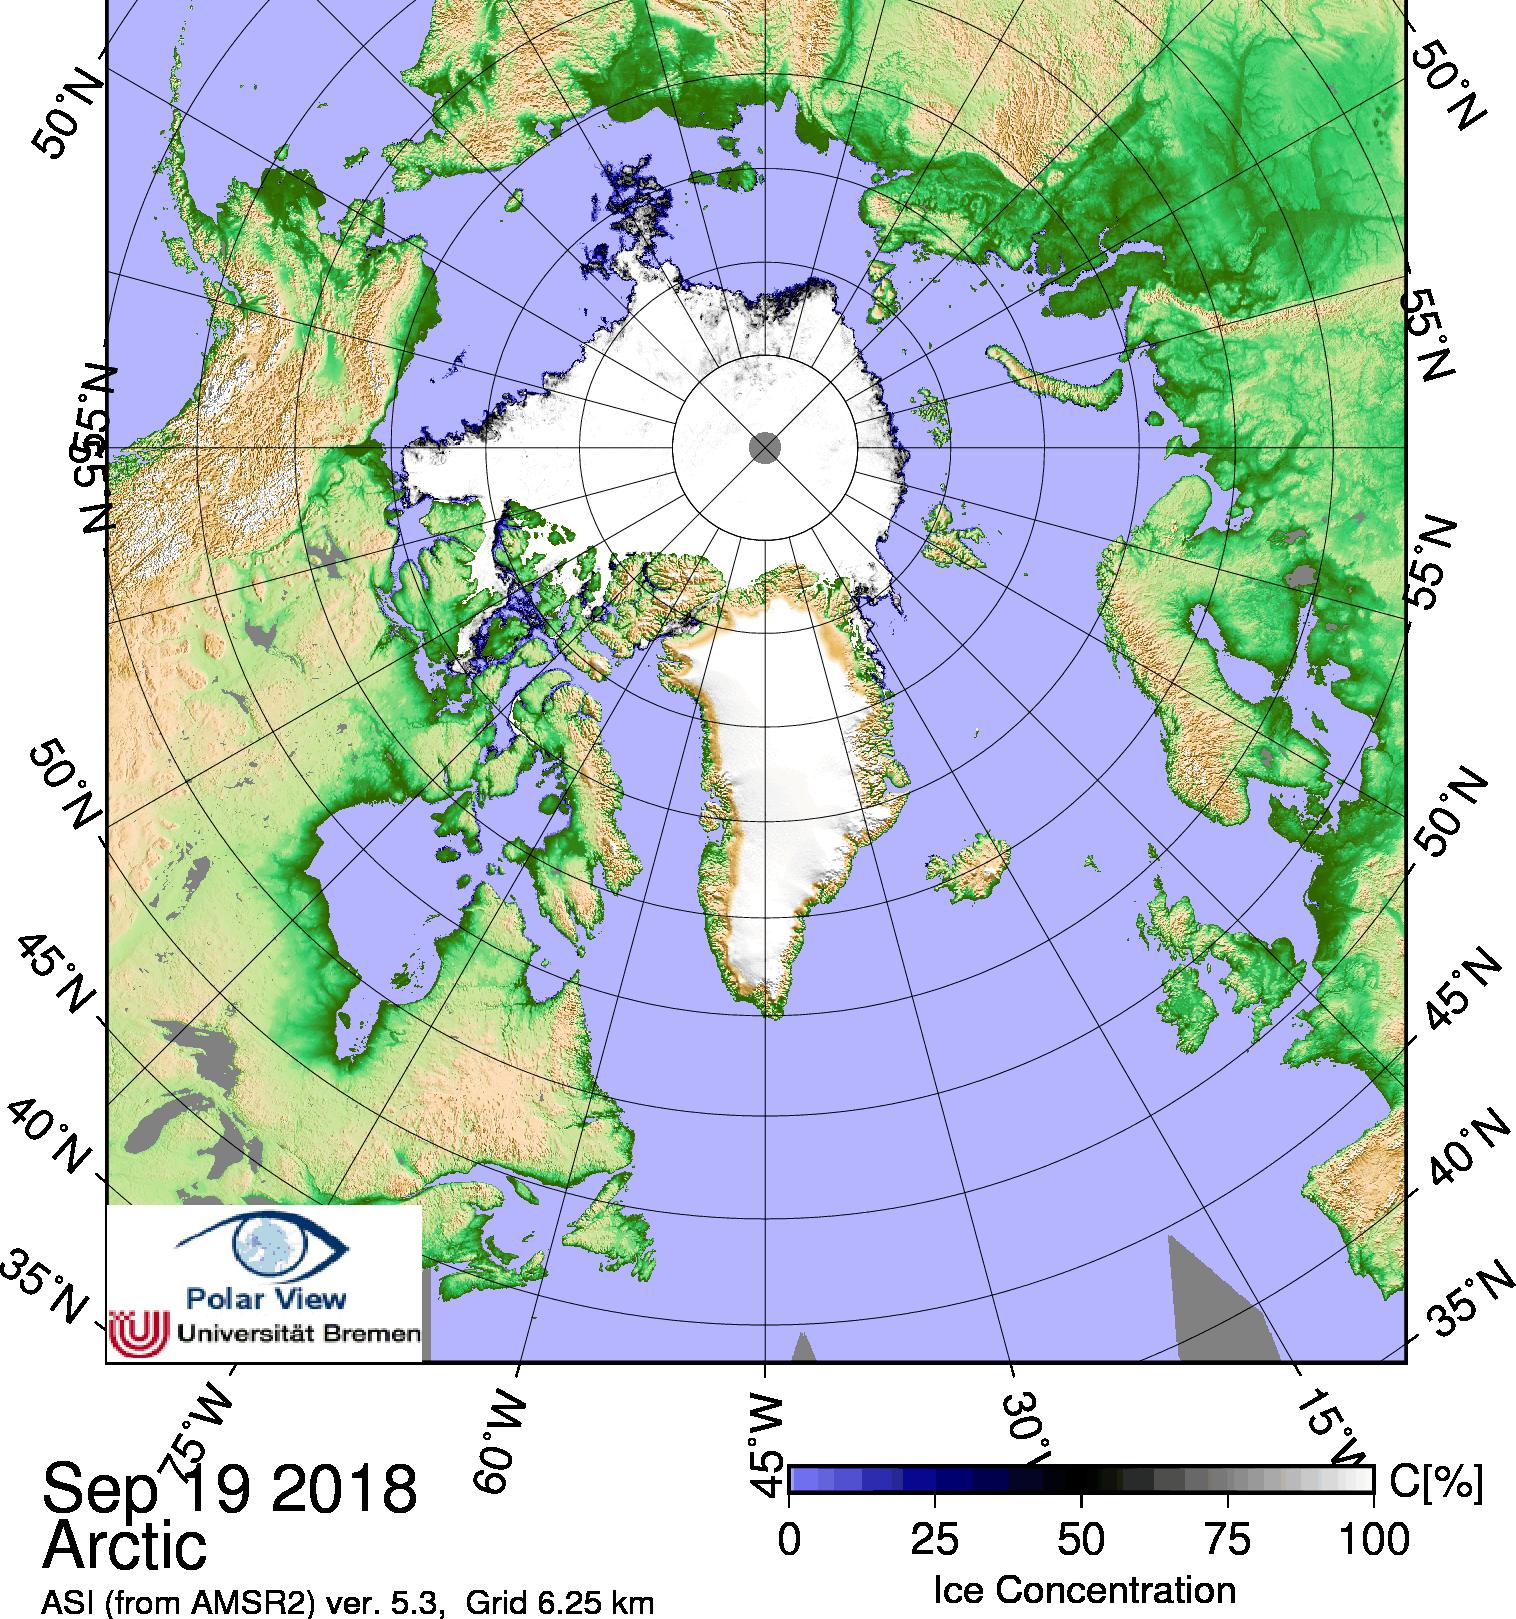 arctic_amsr2_visual_2018_sept_19.png